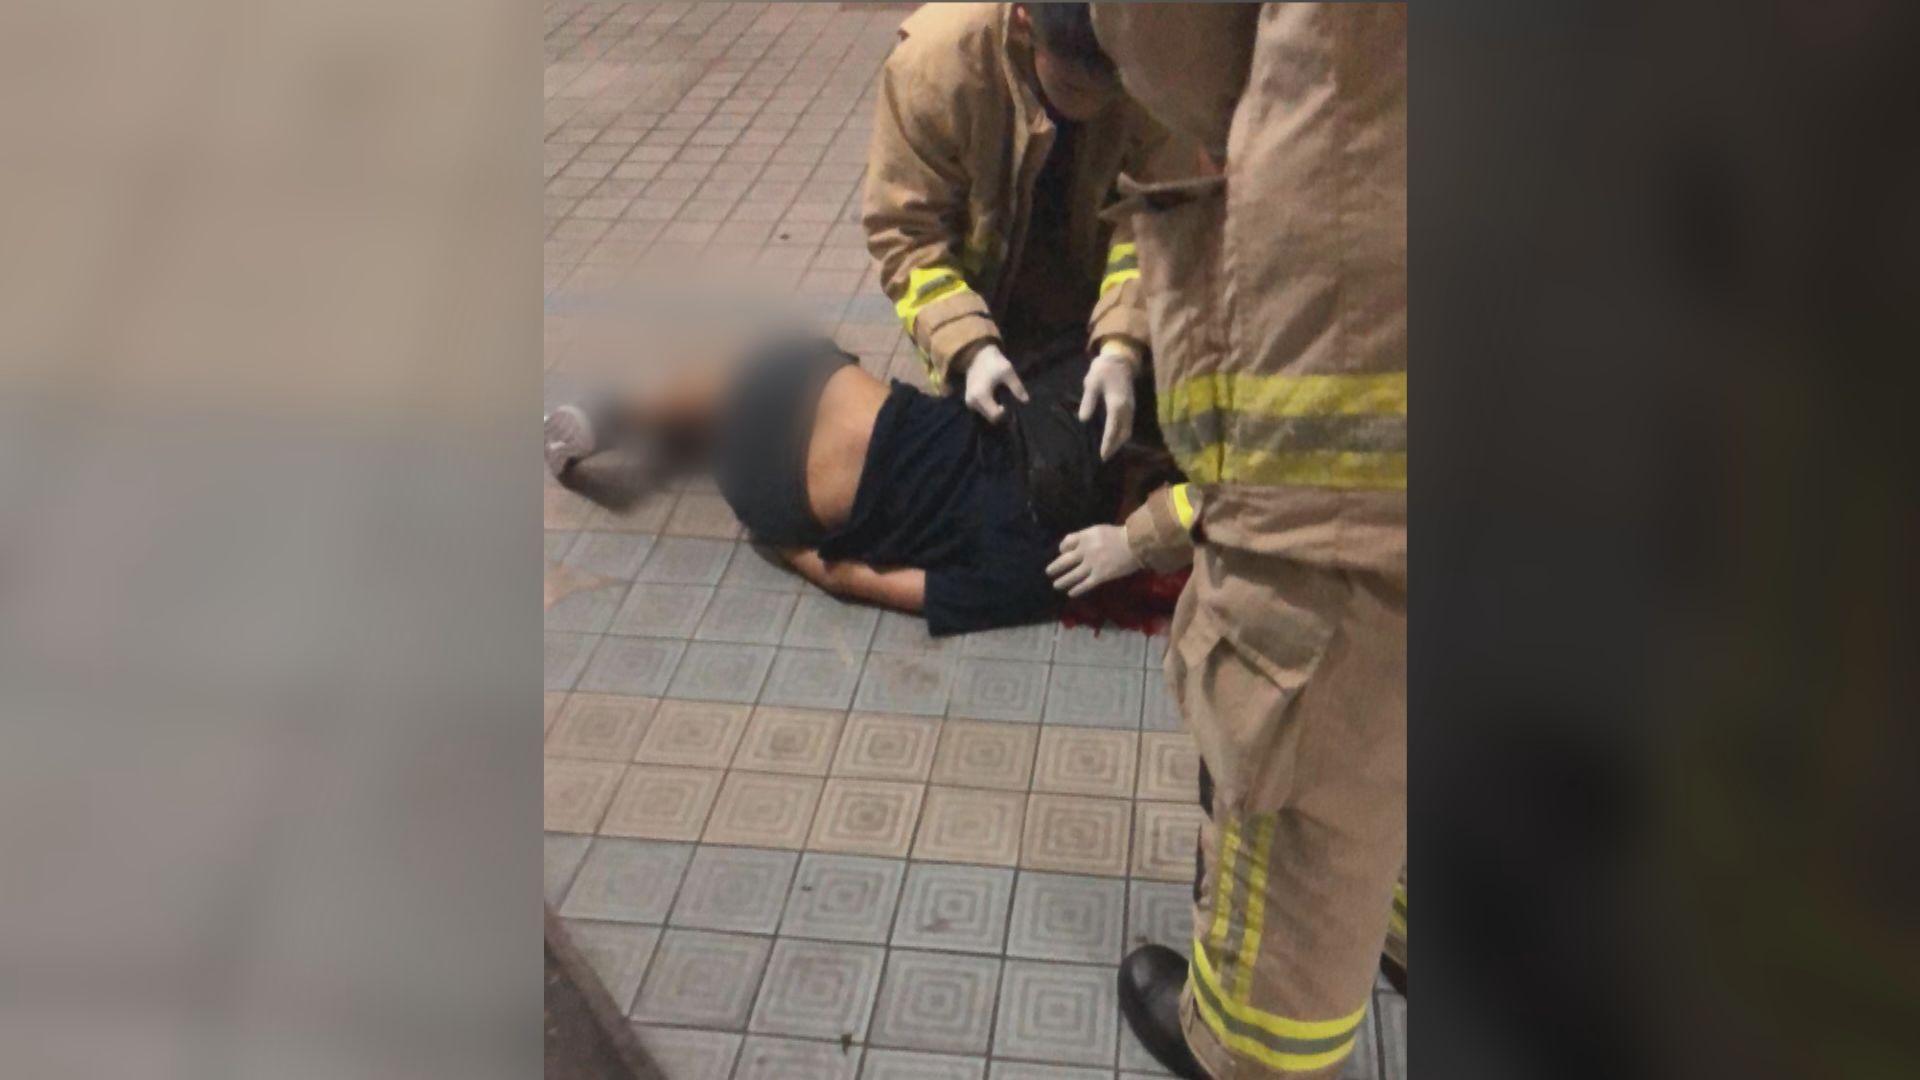 周梓樂死因研訊 市民目睹停車場二樓有人倒在地上